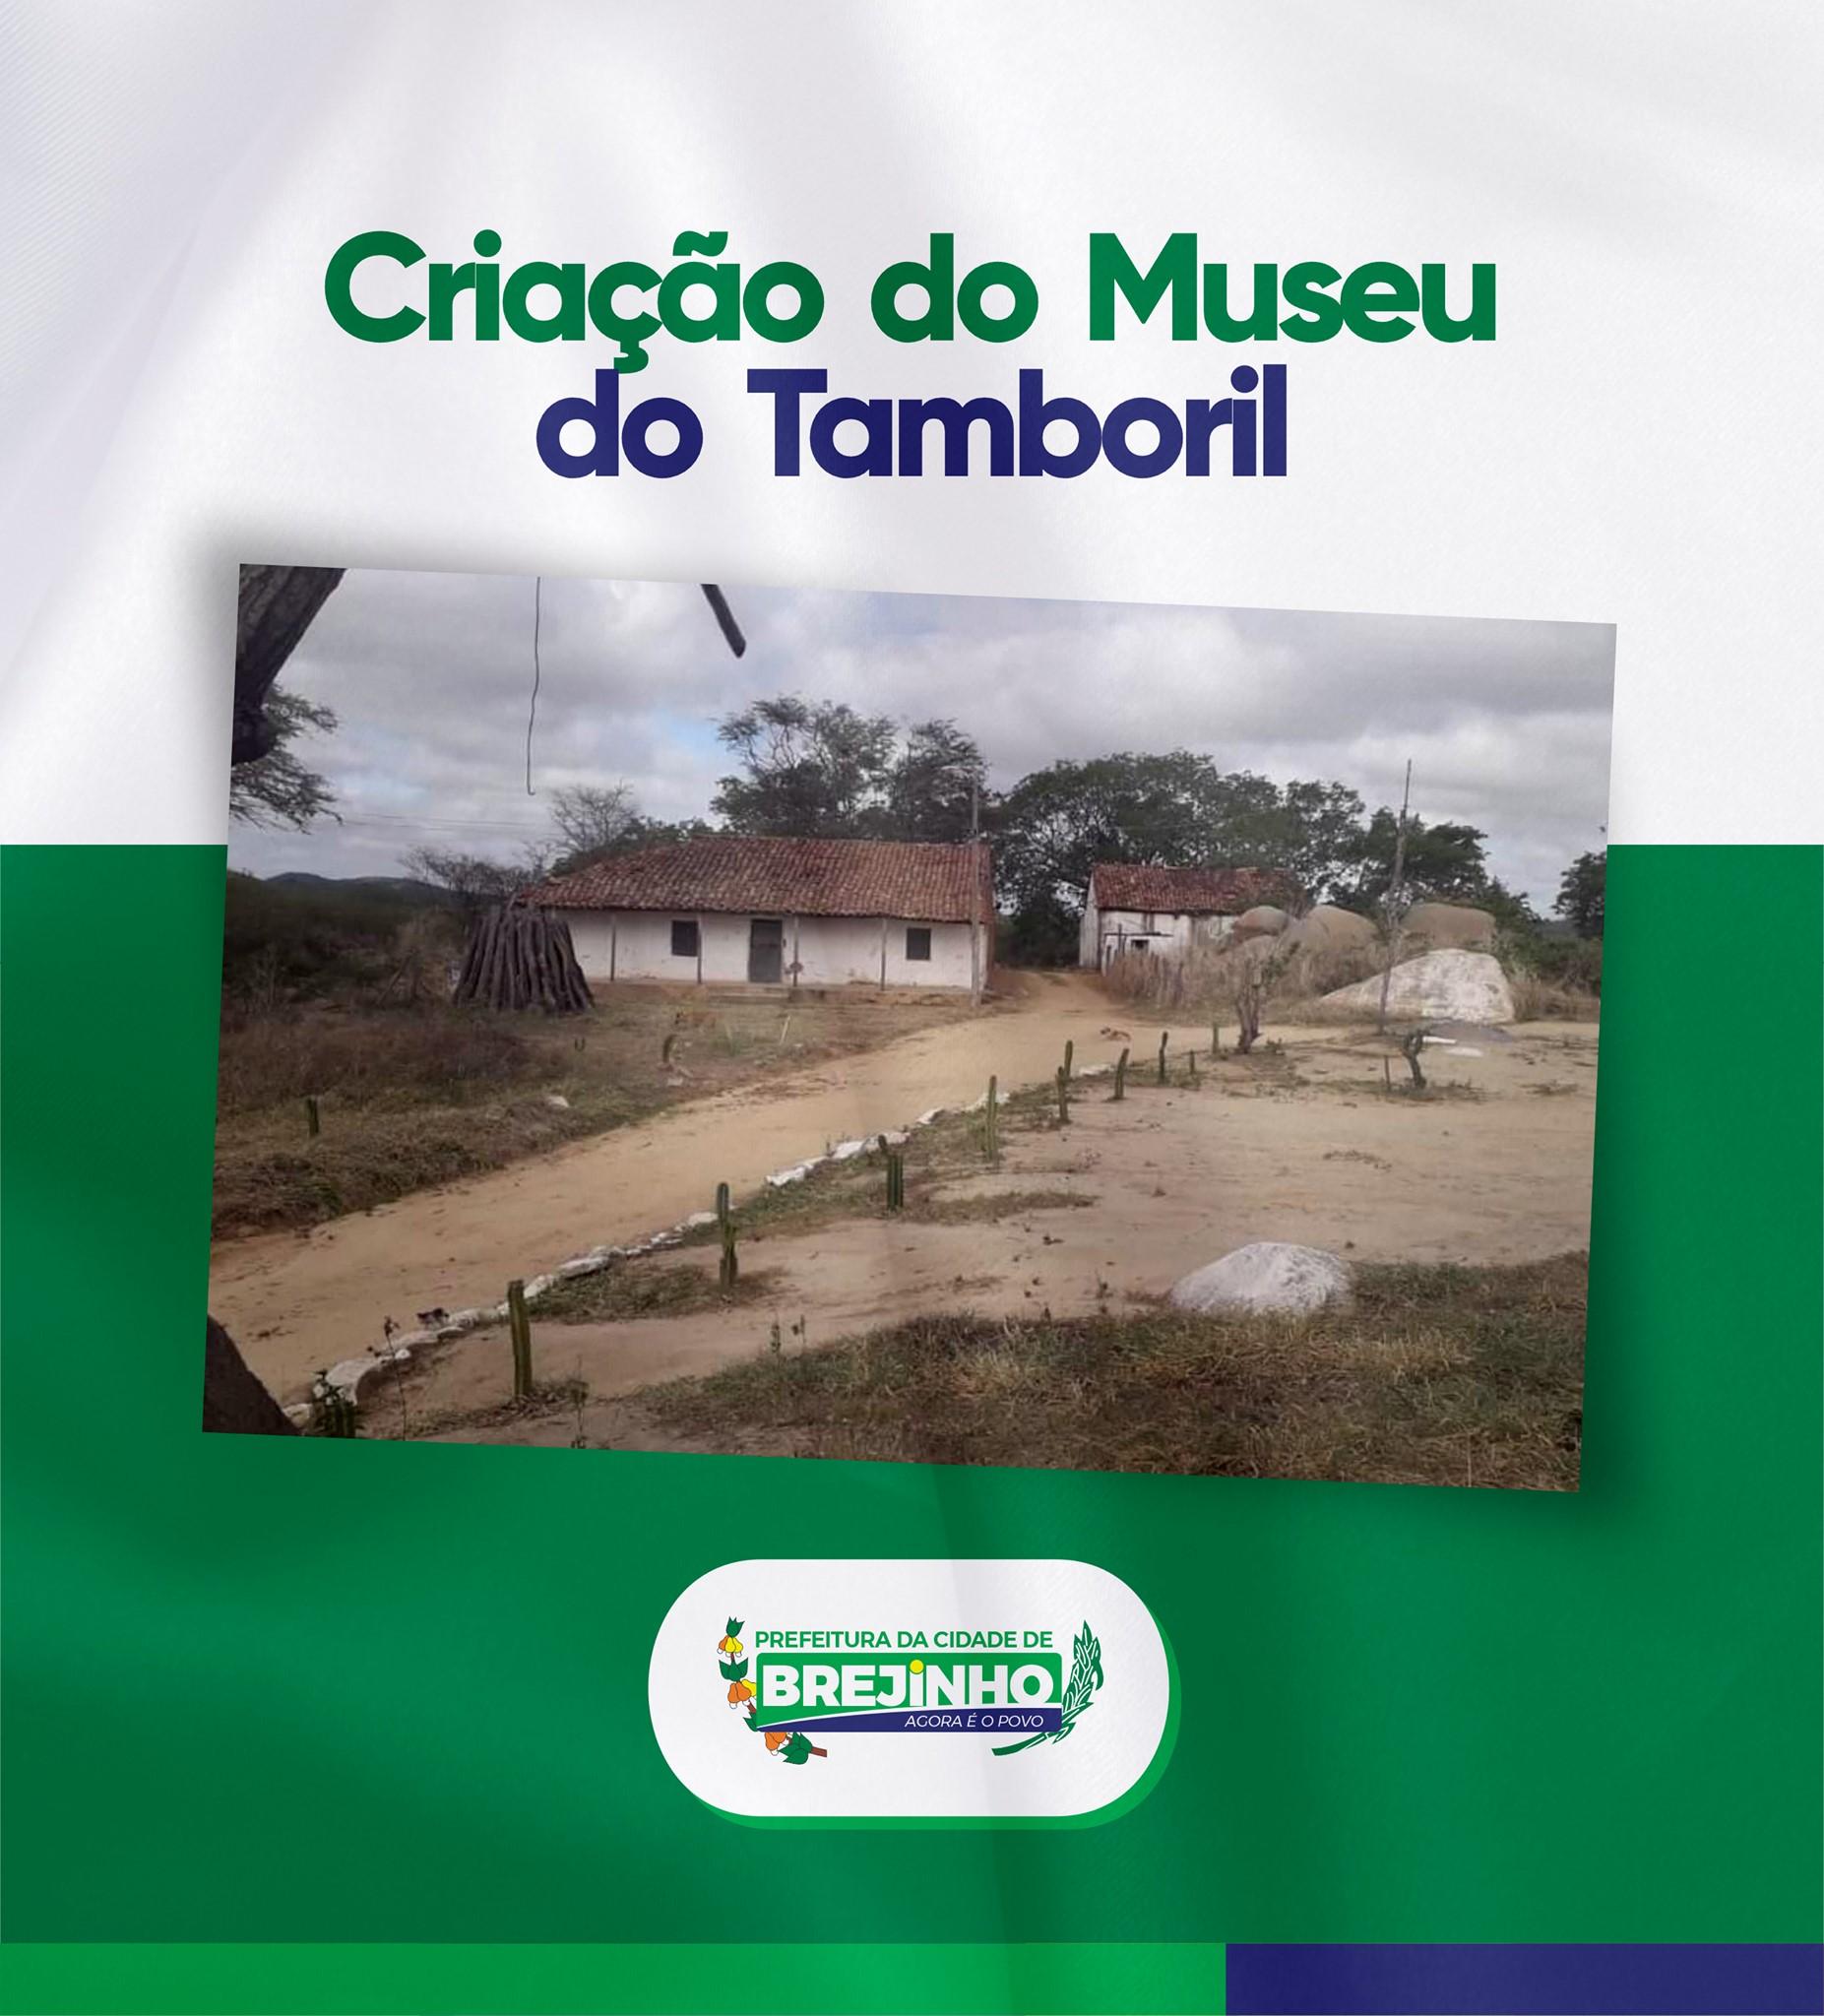 Brejinho deverá ganhar Museu do Tamboril